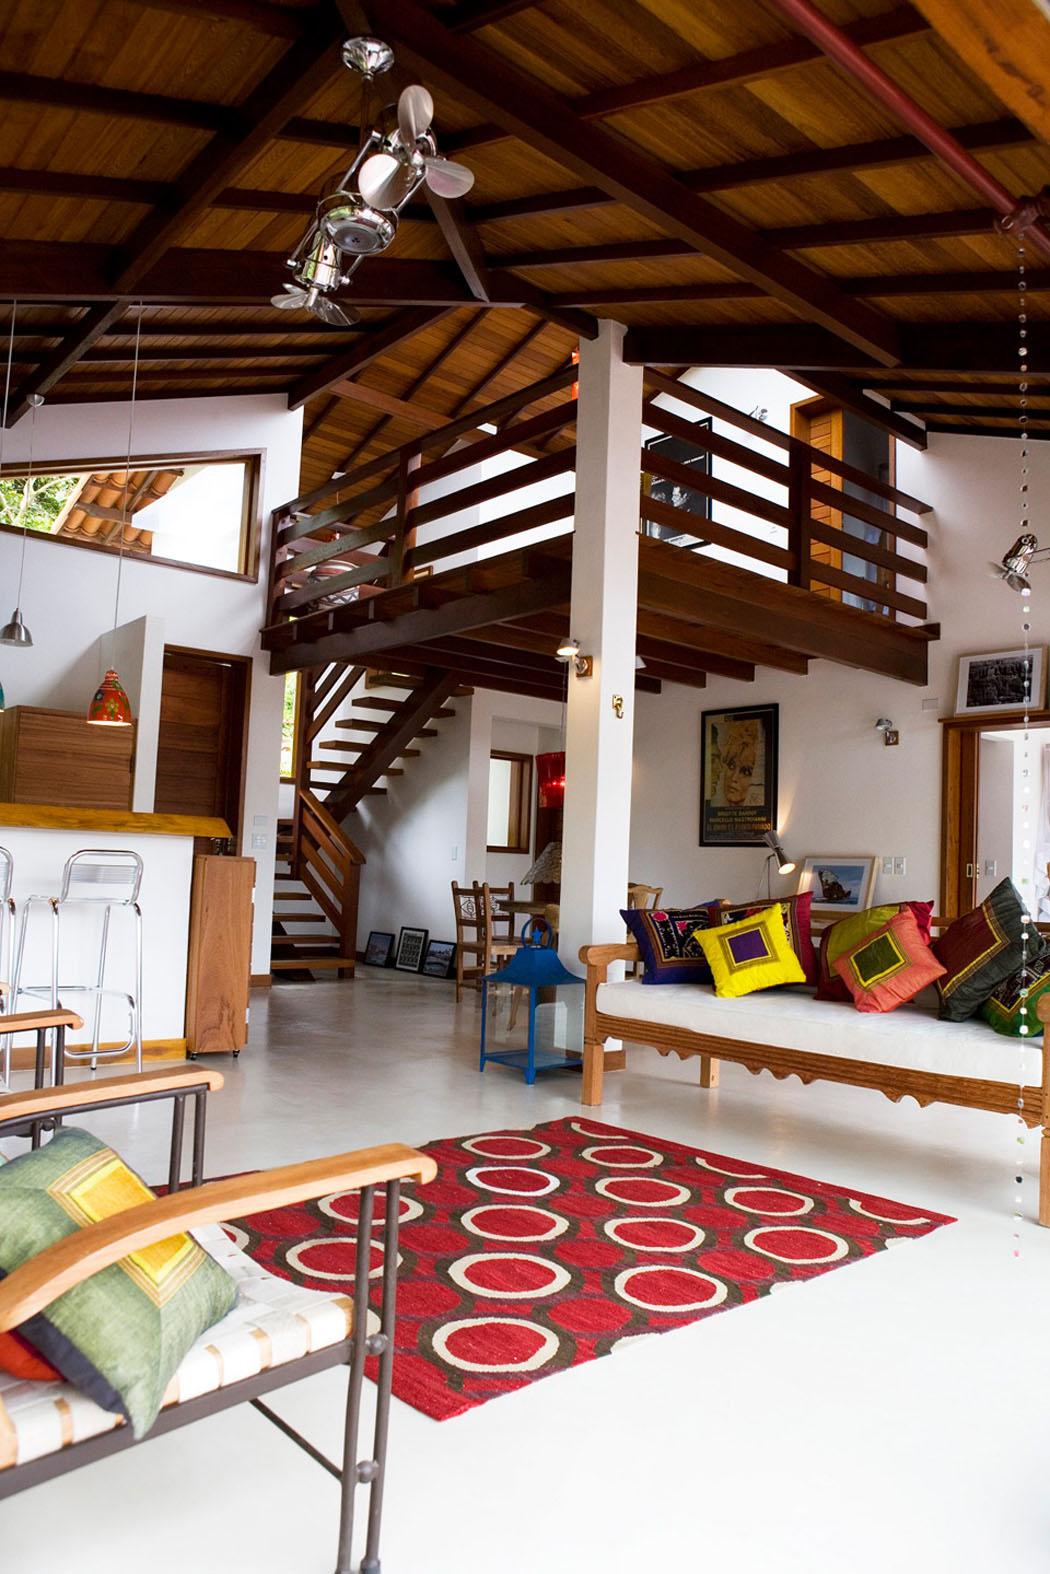 Interieur maison atypique maison moderne for Interieur maison original